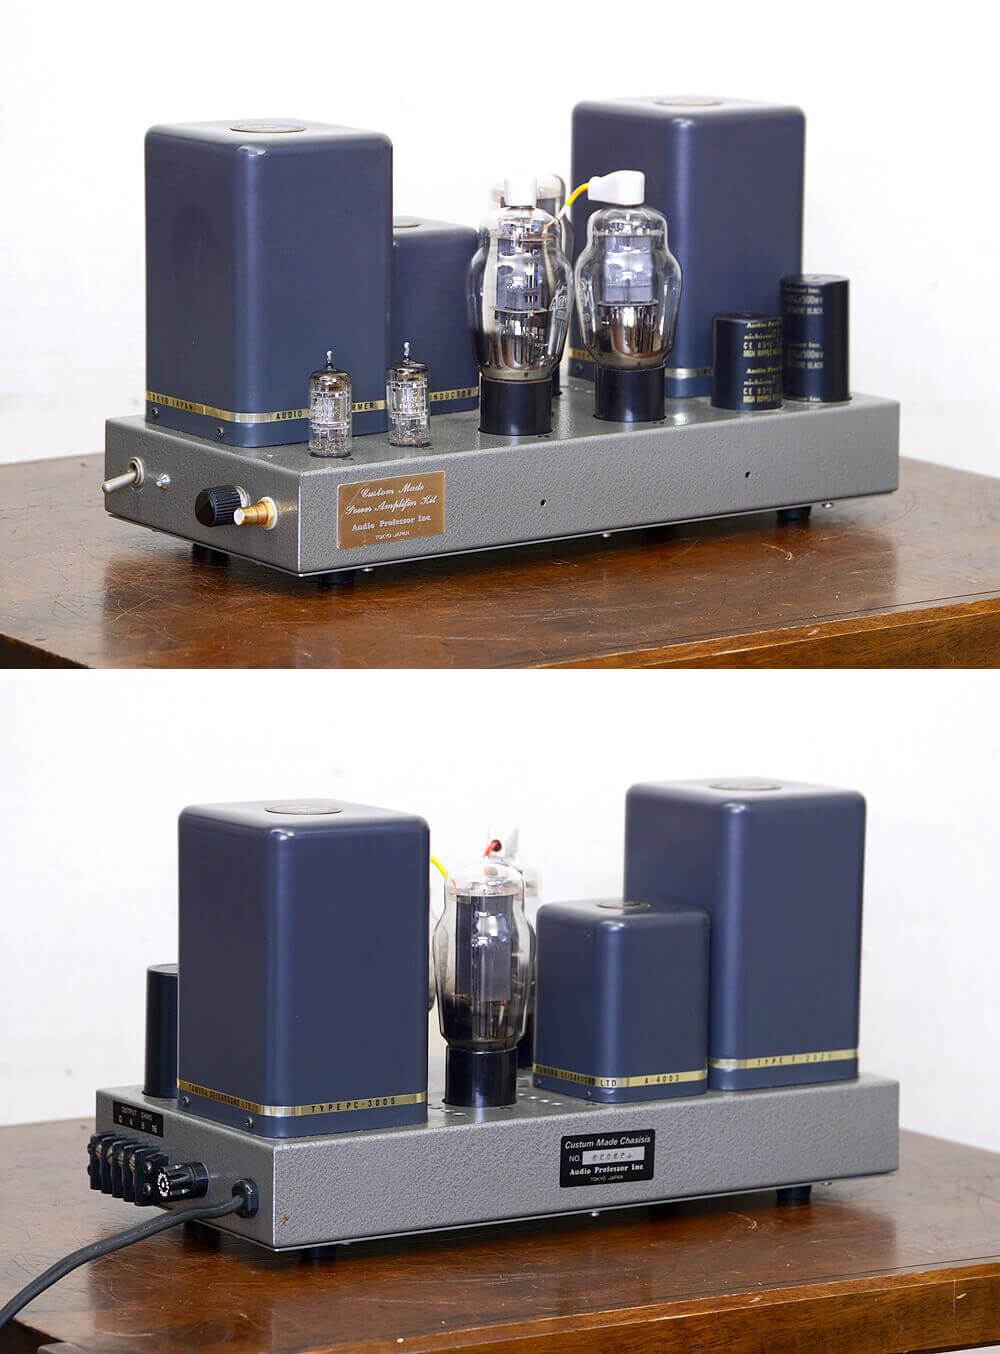 オーディオ専科 6P28 真空管モノラルパワーアンプキット2枚目